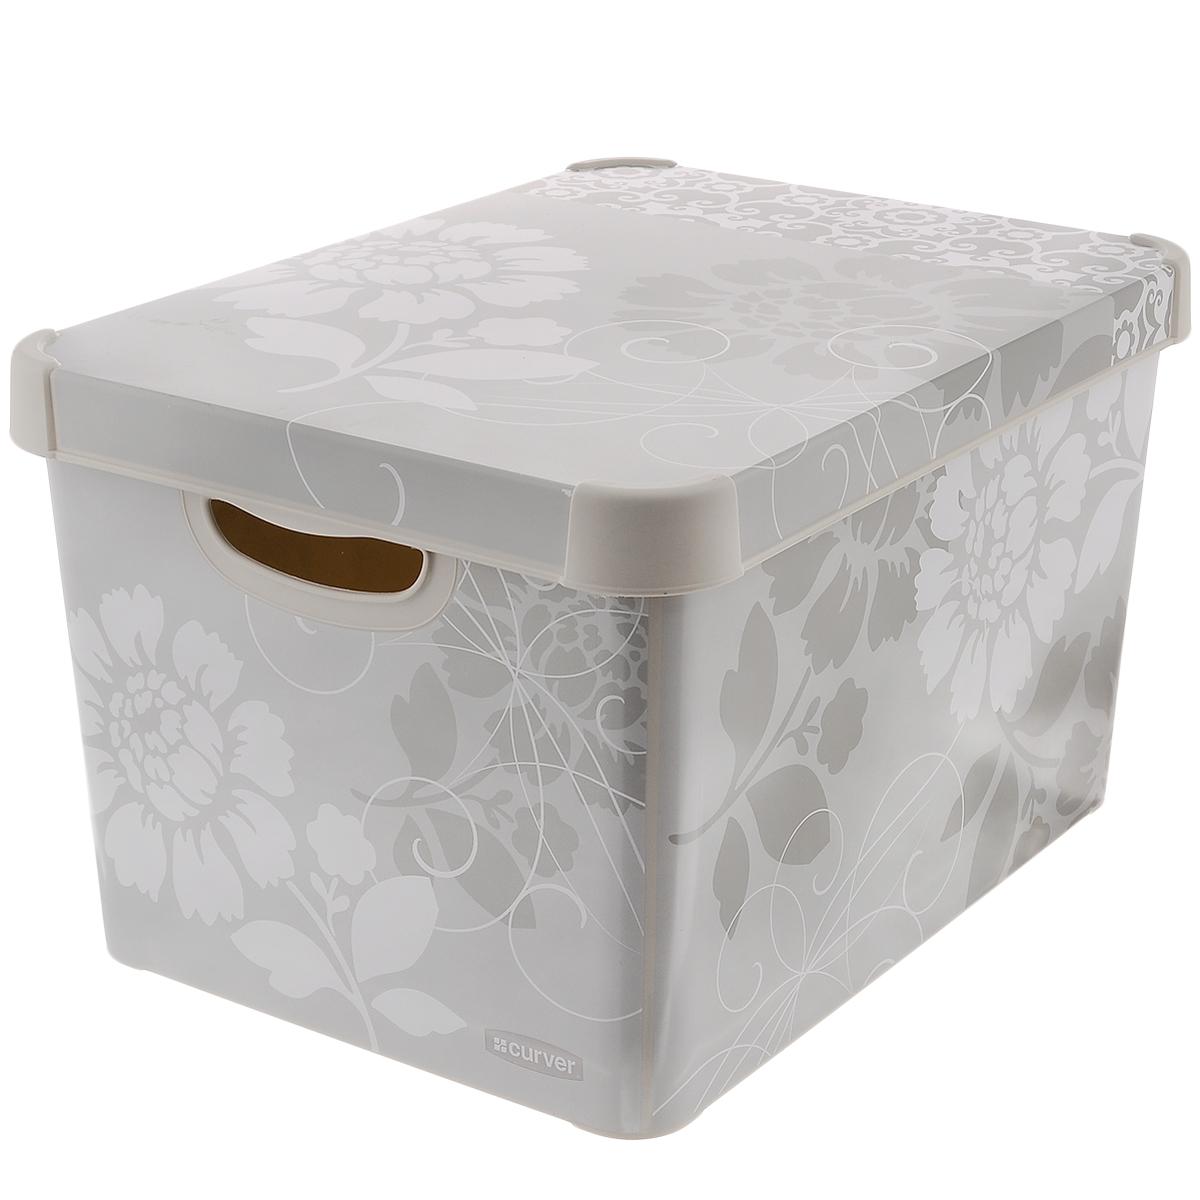 Коробка для хранения Curver Romance, цвет: серый, белый, 39 см х 29 см х 23 смCLP446Коробка Curver Romance, выполненная из высококачественного пластика, предназначена для хранения различных вещей. Изделие украшено цветочным изображением. Коробка оснащена крышкой и удобными ручками по бокам. Изящный дизайн коробки впишется в любой интерьер. Декоративная коробка поможет хранить все в одном месте, а также защитить вещи от пыли, грязи и влаги. Размер коробки: 39 см х 29 см х 23 см. Объем: 22 л.